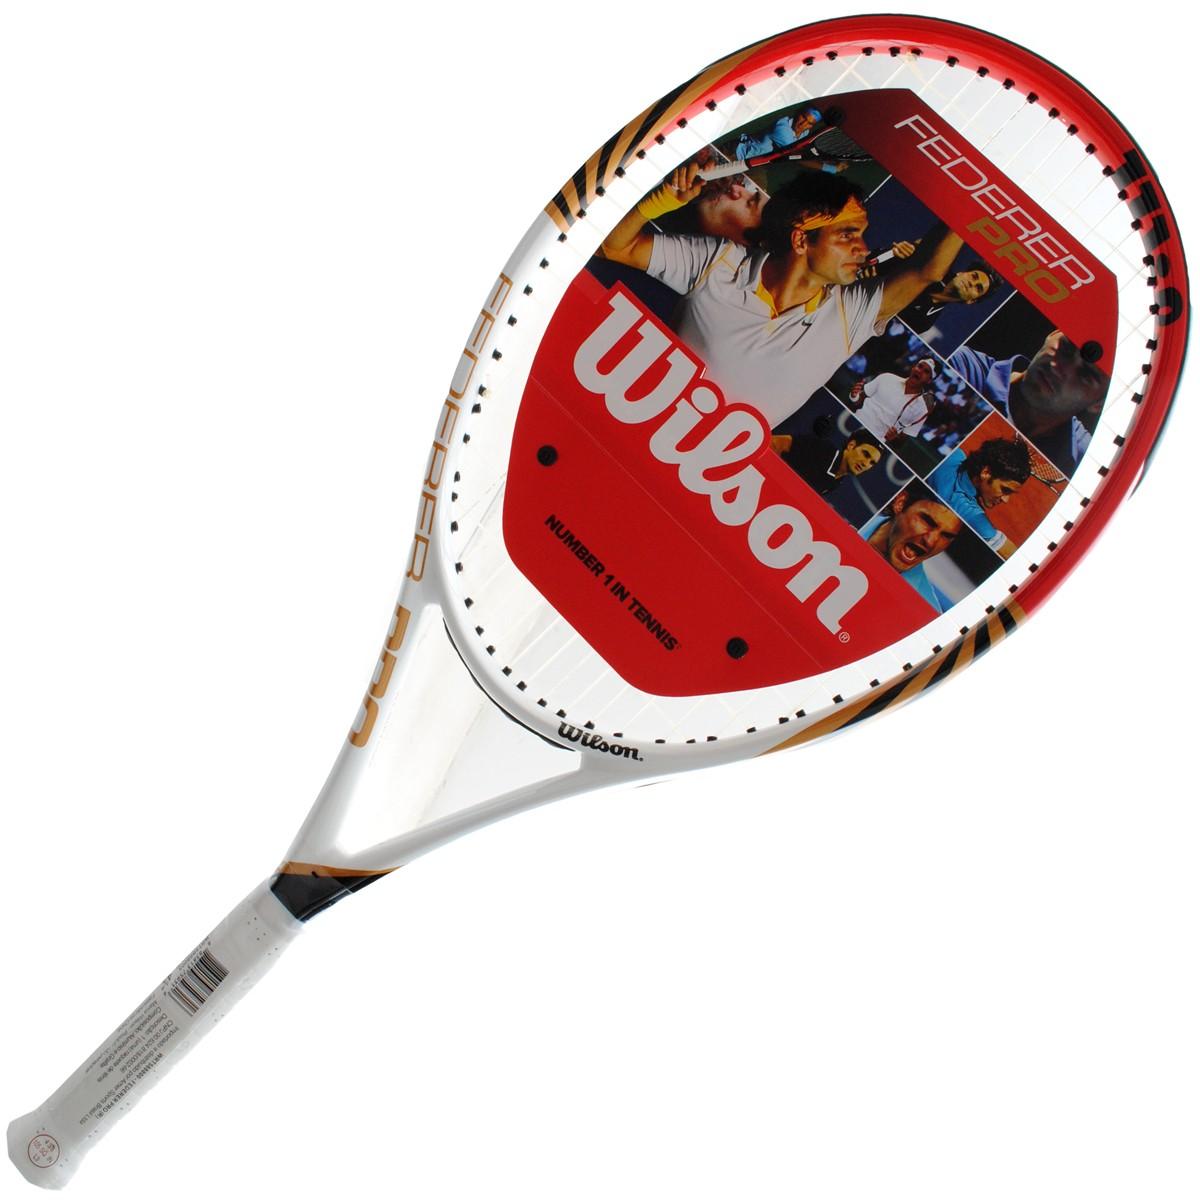 ff89669fe Raquete Mania   Raquete de Tênis Wilson   Federer Pro